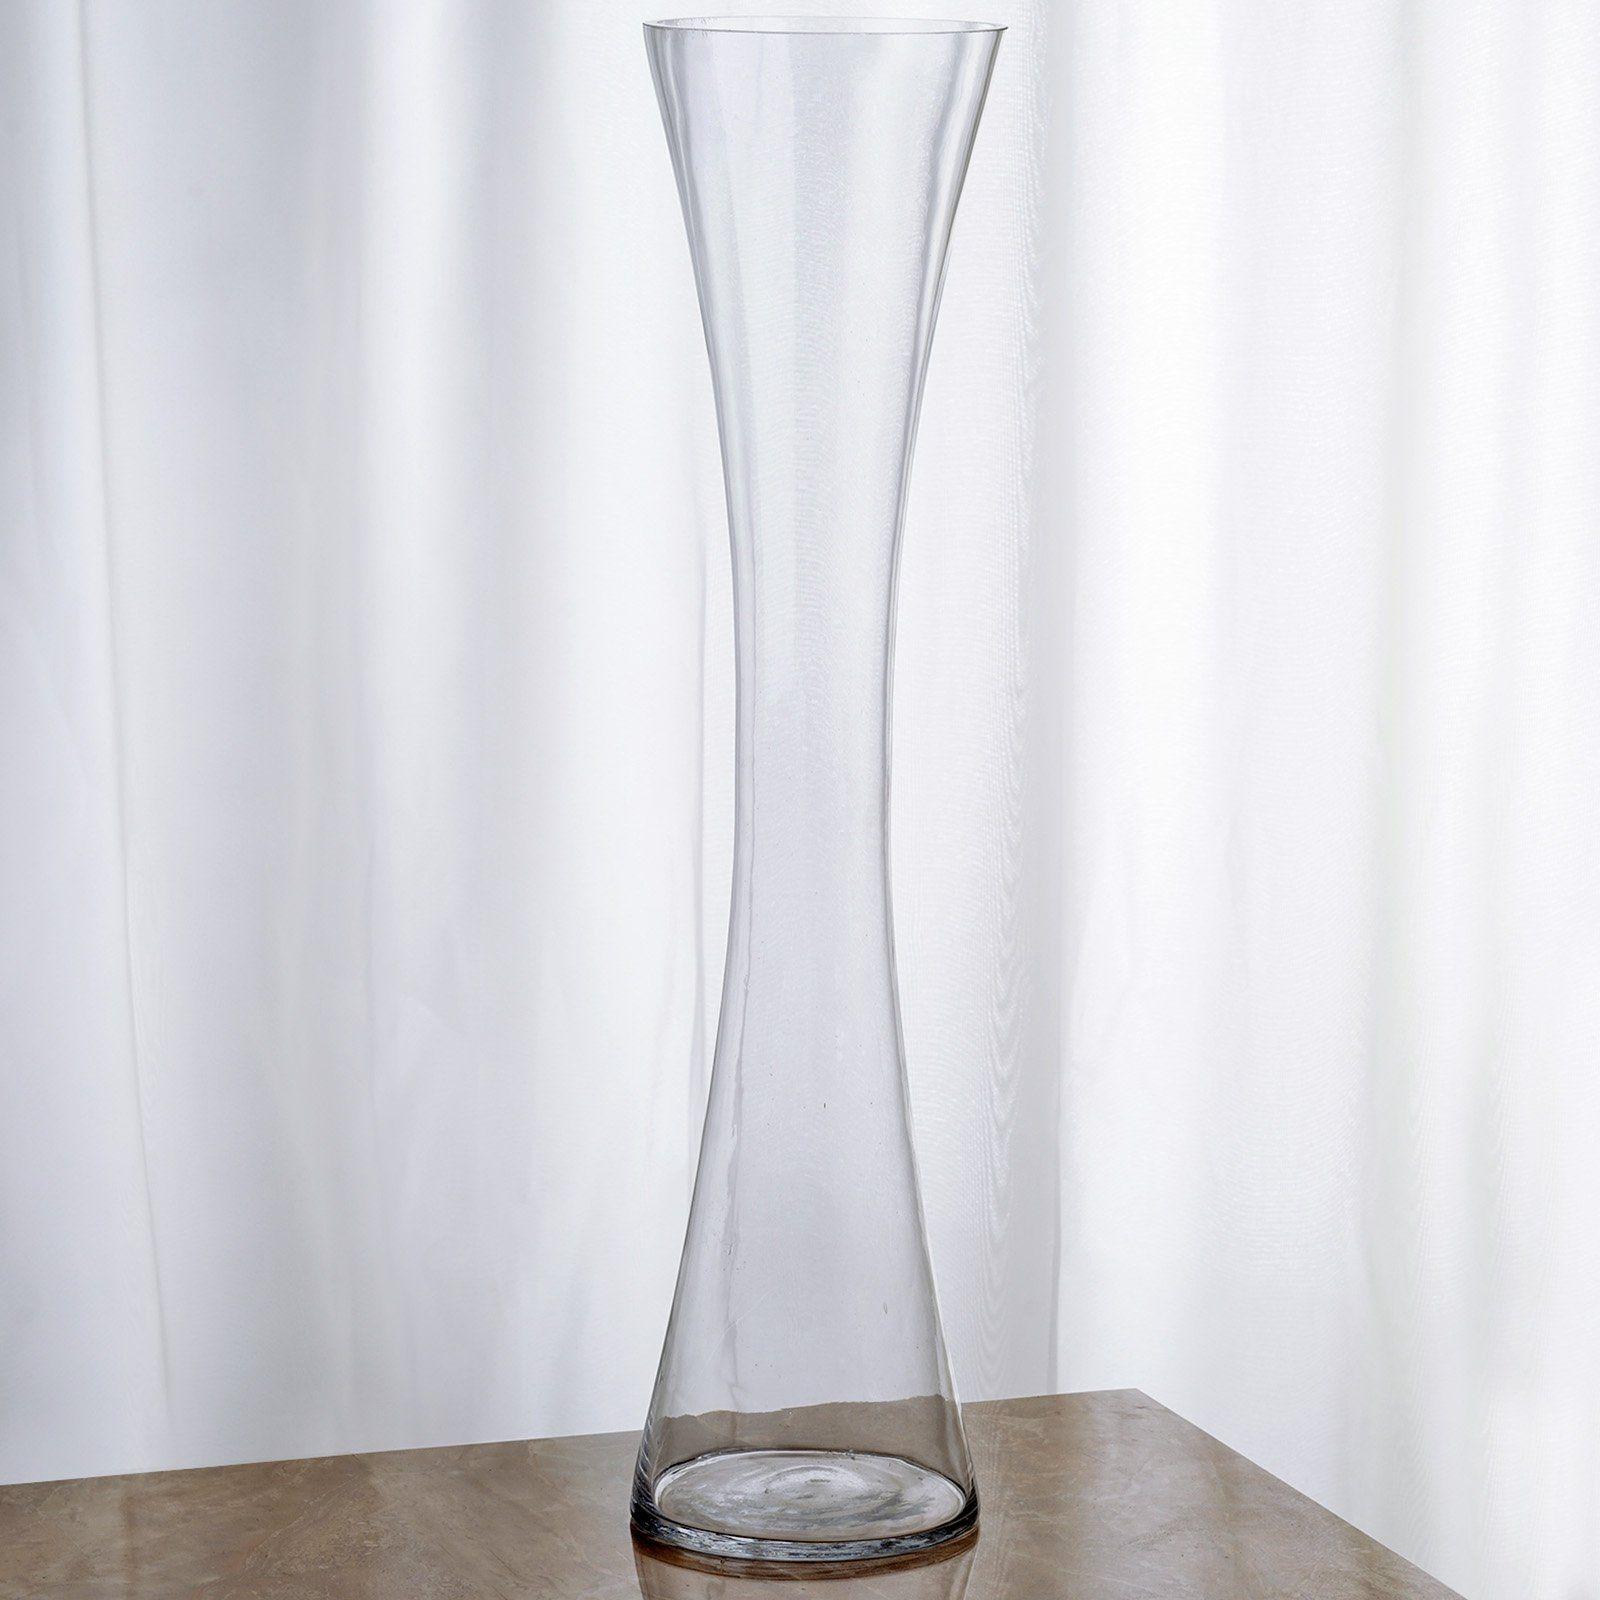 6 Pack 2 Ft Heavy Duty Hour Glass Vase Flower Vase Design